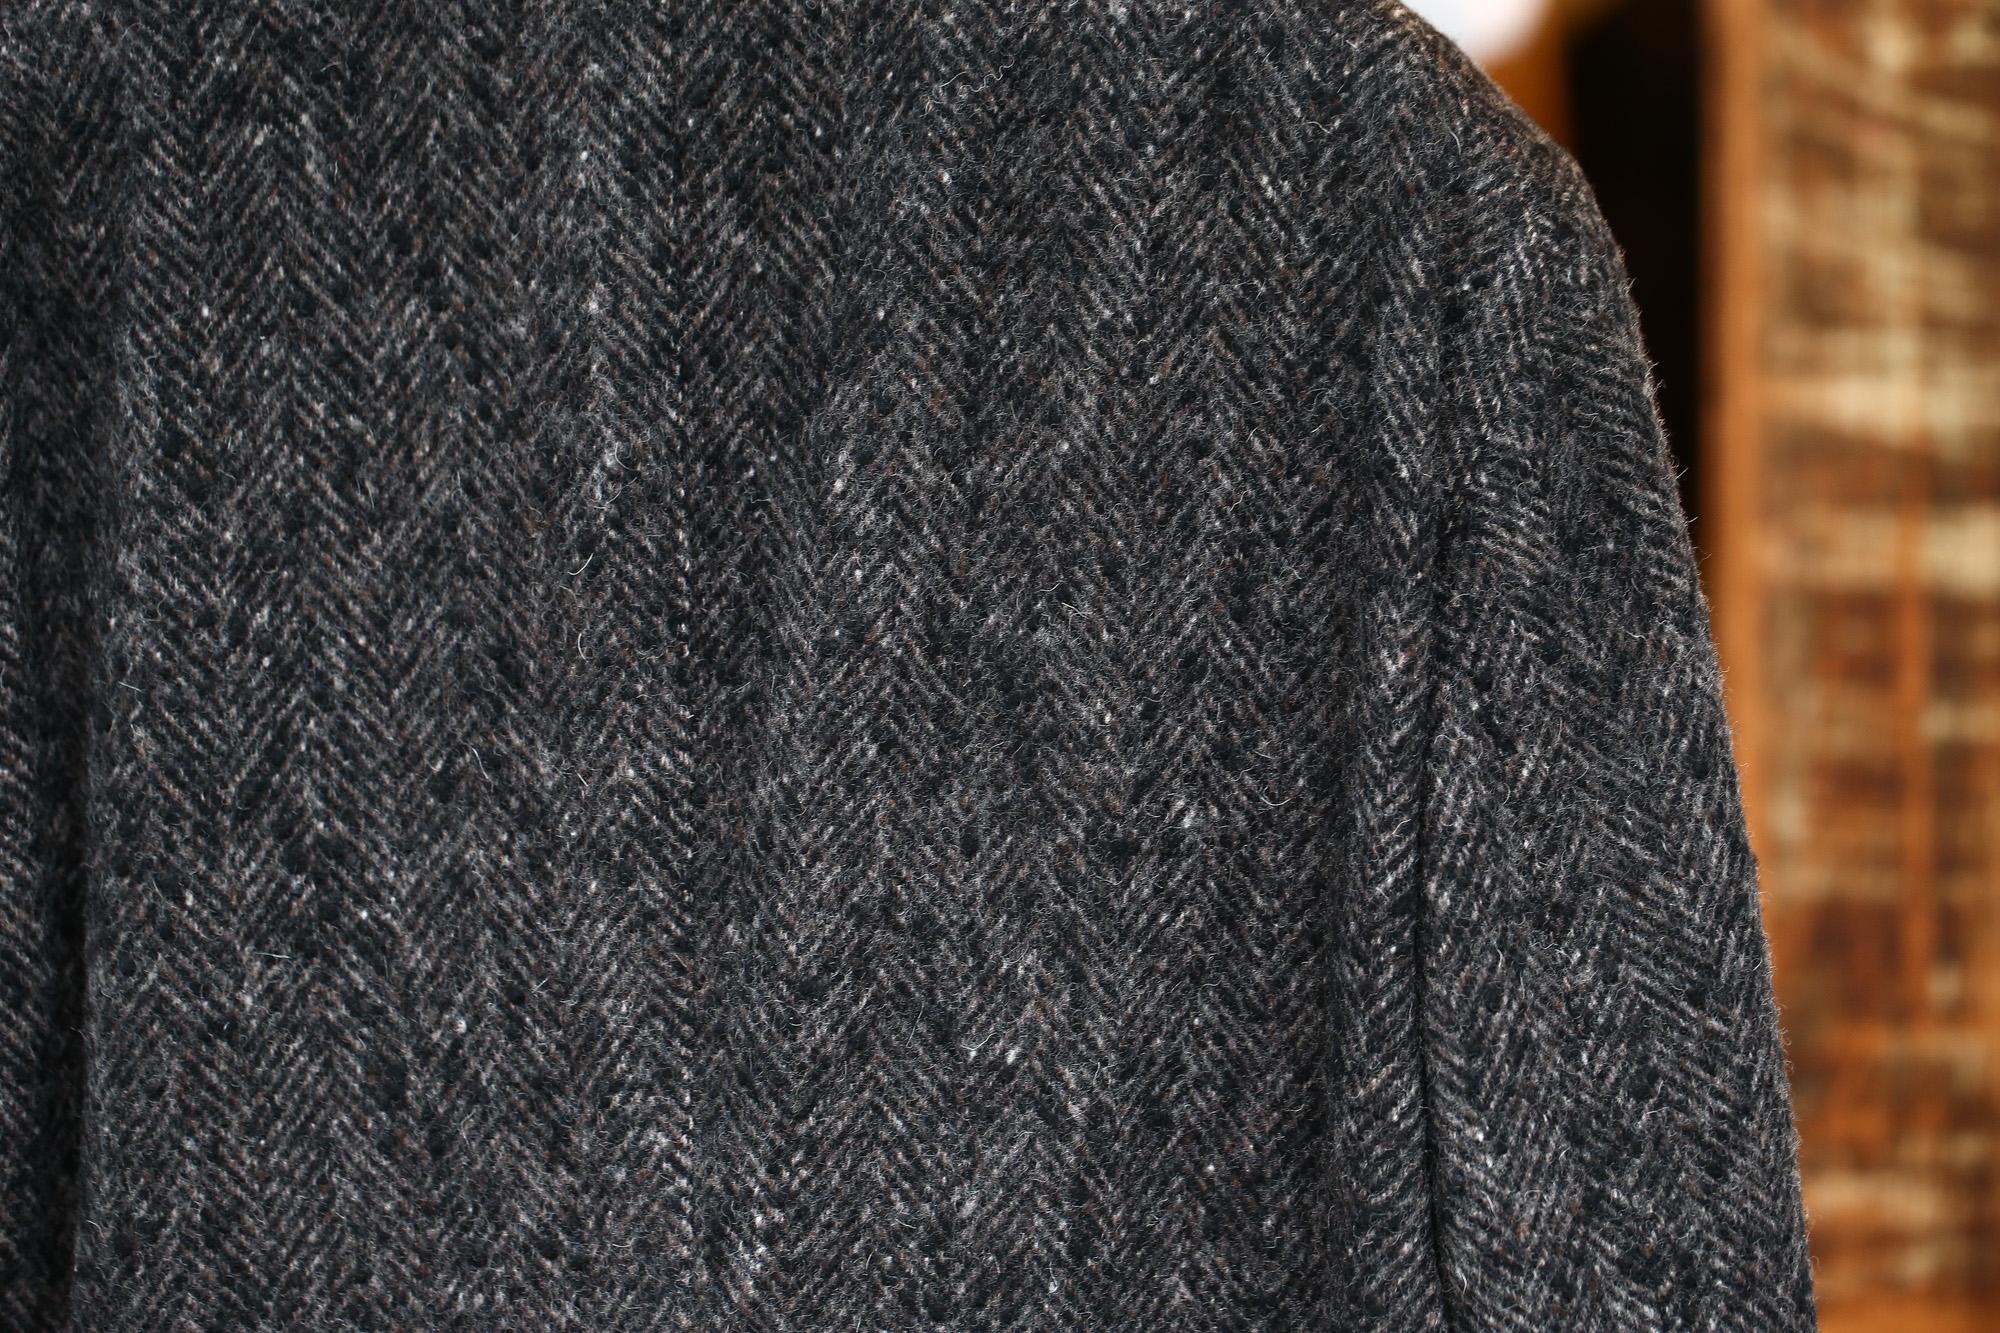 BOGLIOLI MILANO (ボリオリ ミラノ) CHESTER COURT (チェスターコート) ヘリンボーン ウール ツイード コート CHARCOAL (チャコール・09) Made in italy (イタリア製) 2017 秋冬新作 boglioli ボリオリ chestercourt 愛知 名古屋 Alto e Diritto アルト エ デリット